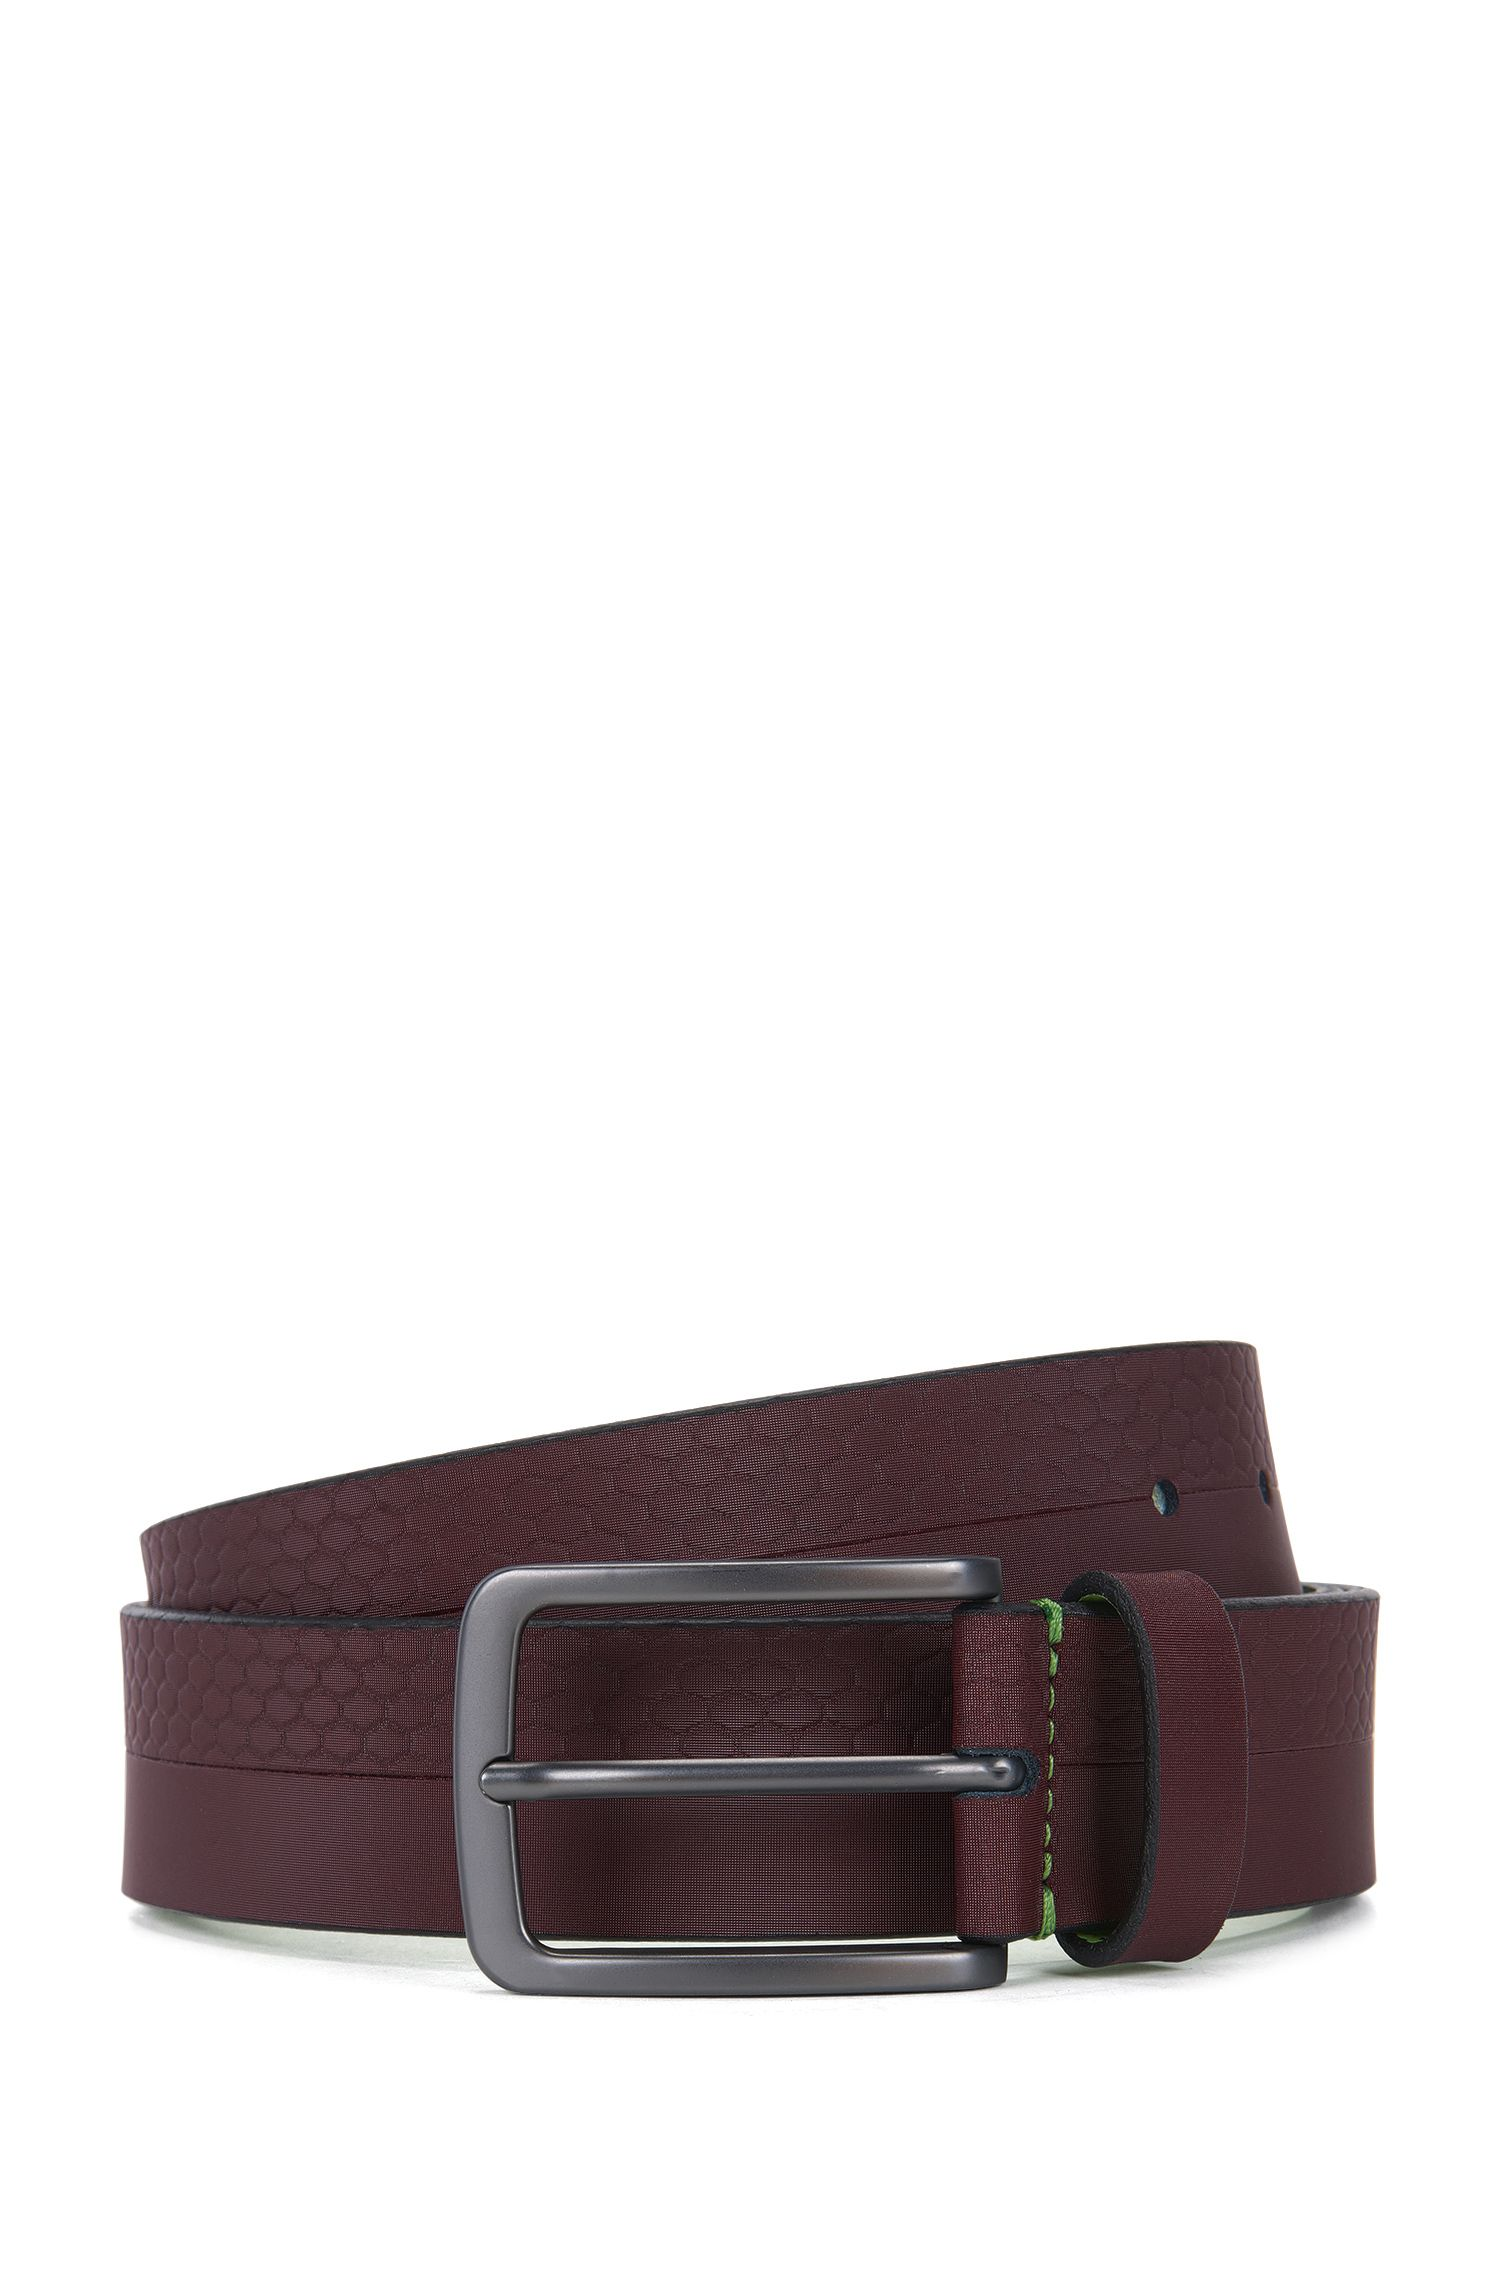 Leather Belt | Tali Sz Item